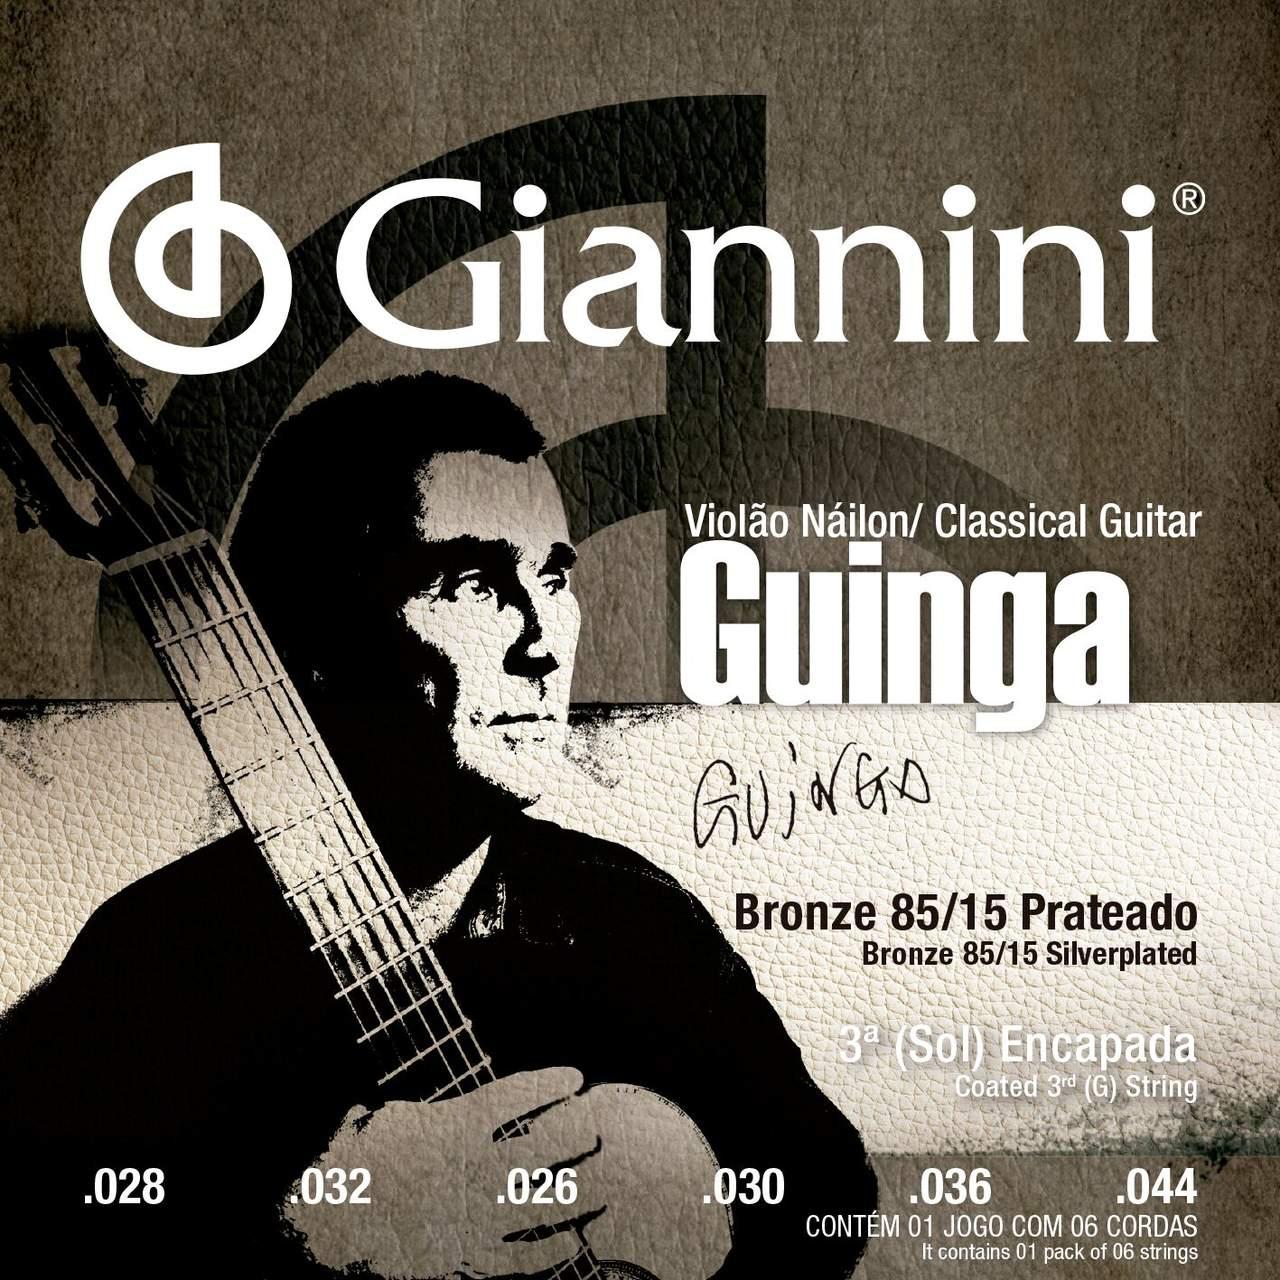 Encordoamento p/Violão Nylon Giannini Signature Guinga Tensão Alta - SSCGG